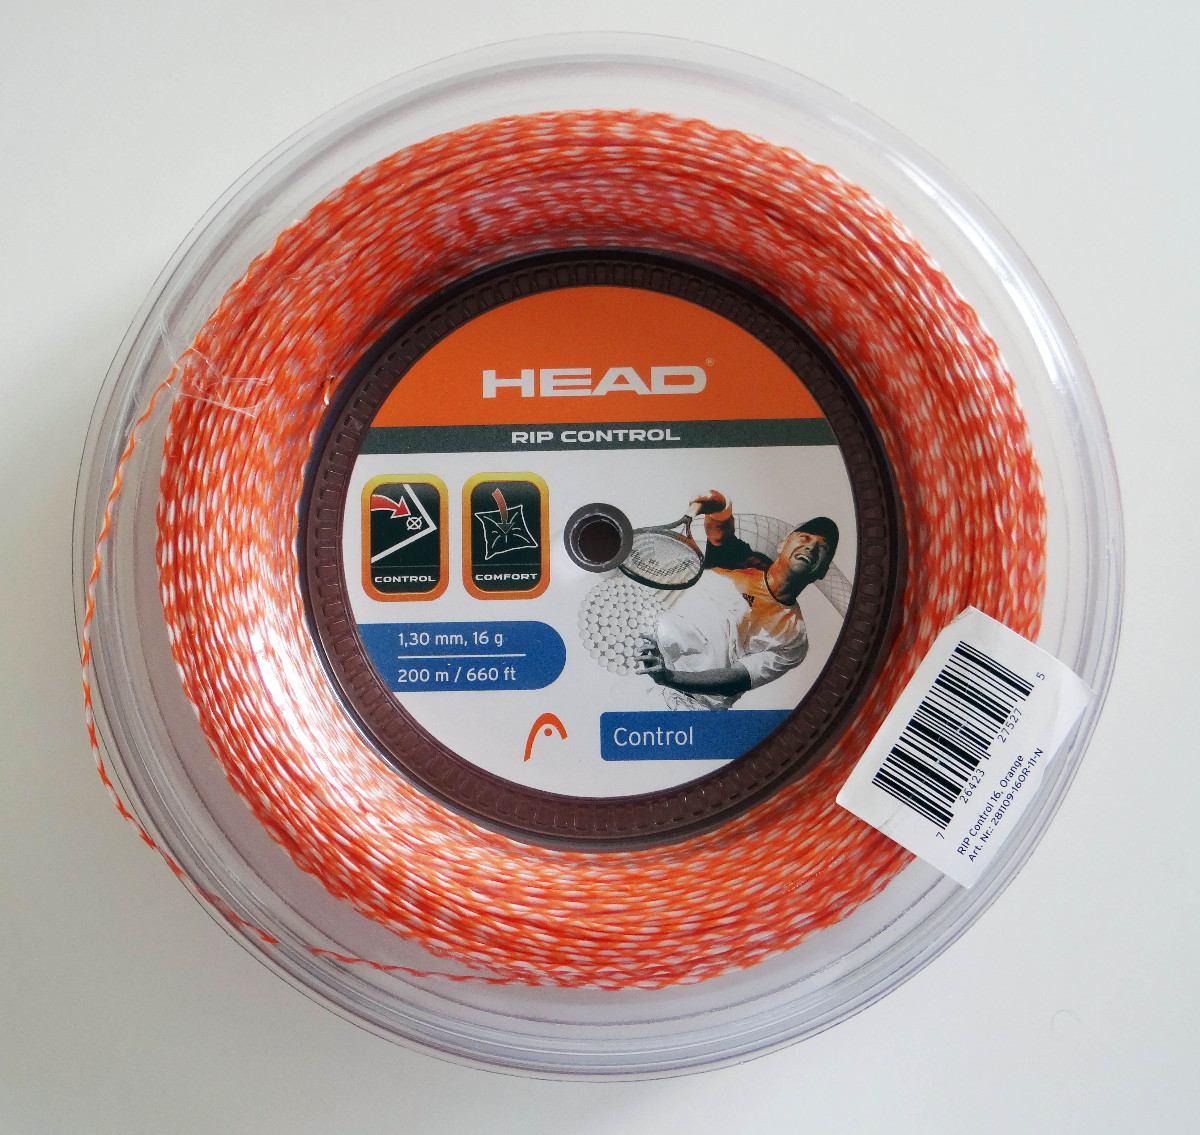 Corde per Graphene XT Speed MPA - Pagina 2 Rolo-de-corda-head-rip-control-16-200m-alto-conforto-e-spin-14292-MLB3513653467_122012-F